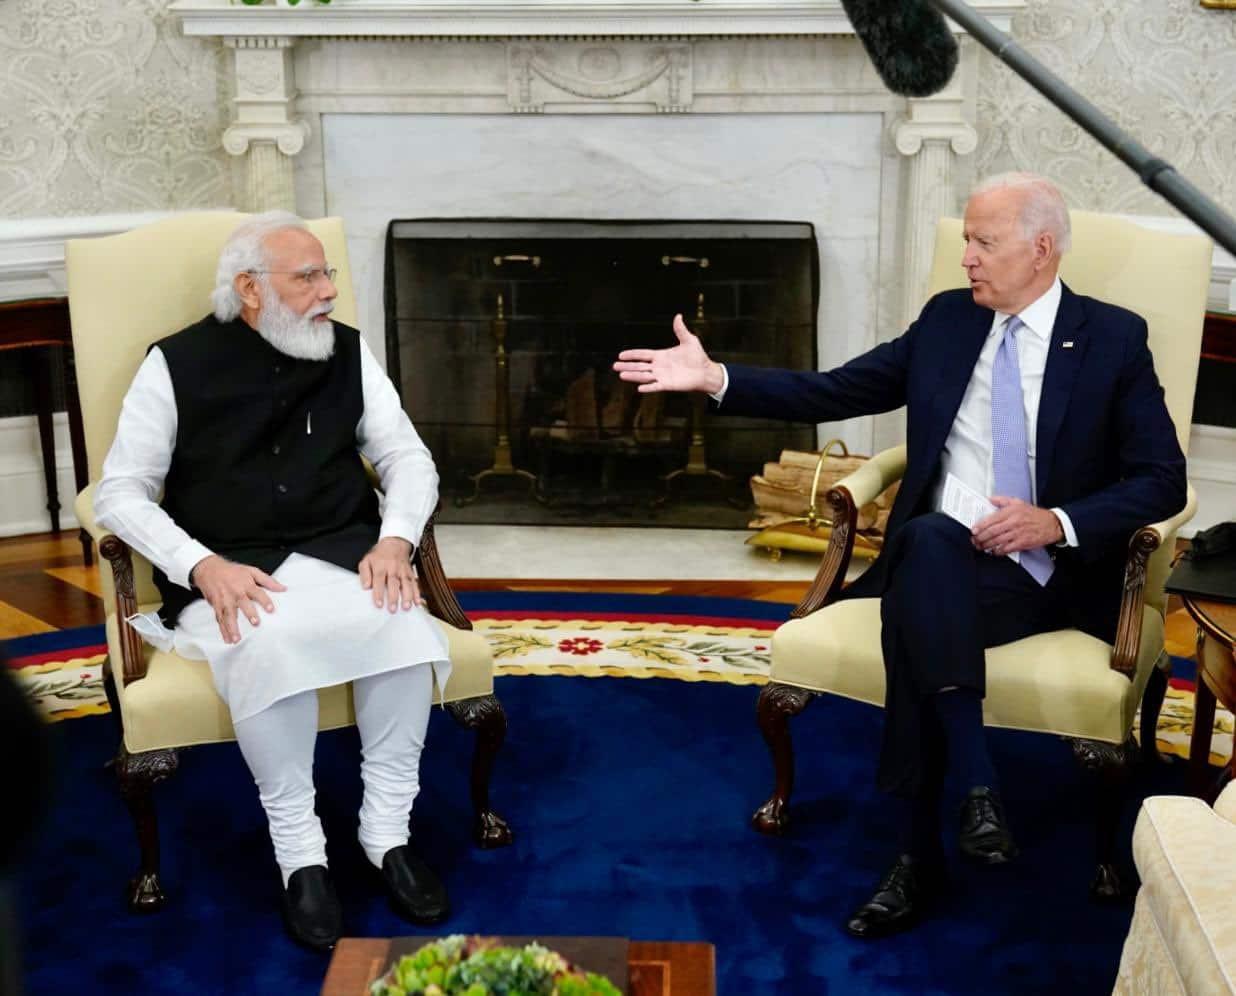 A new chapter in India-US ties: Joe Biden